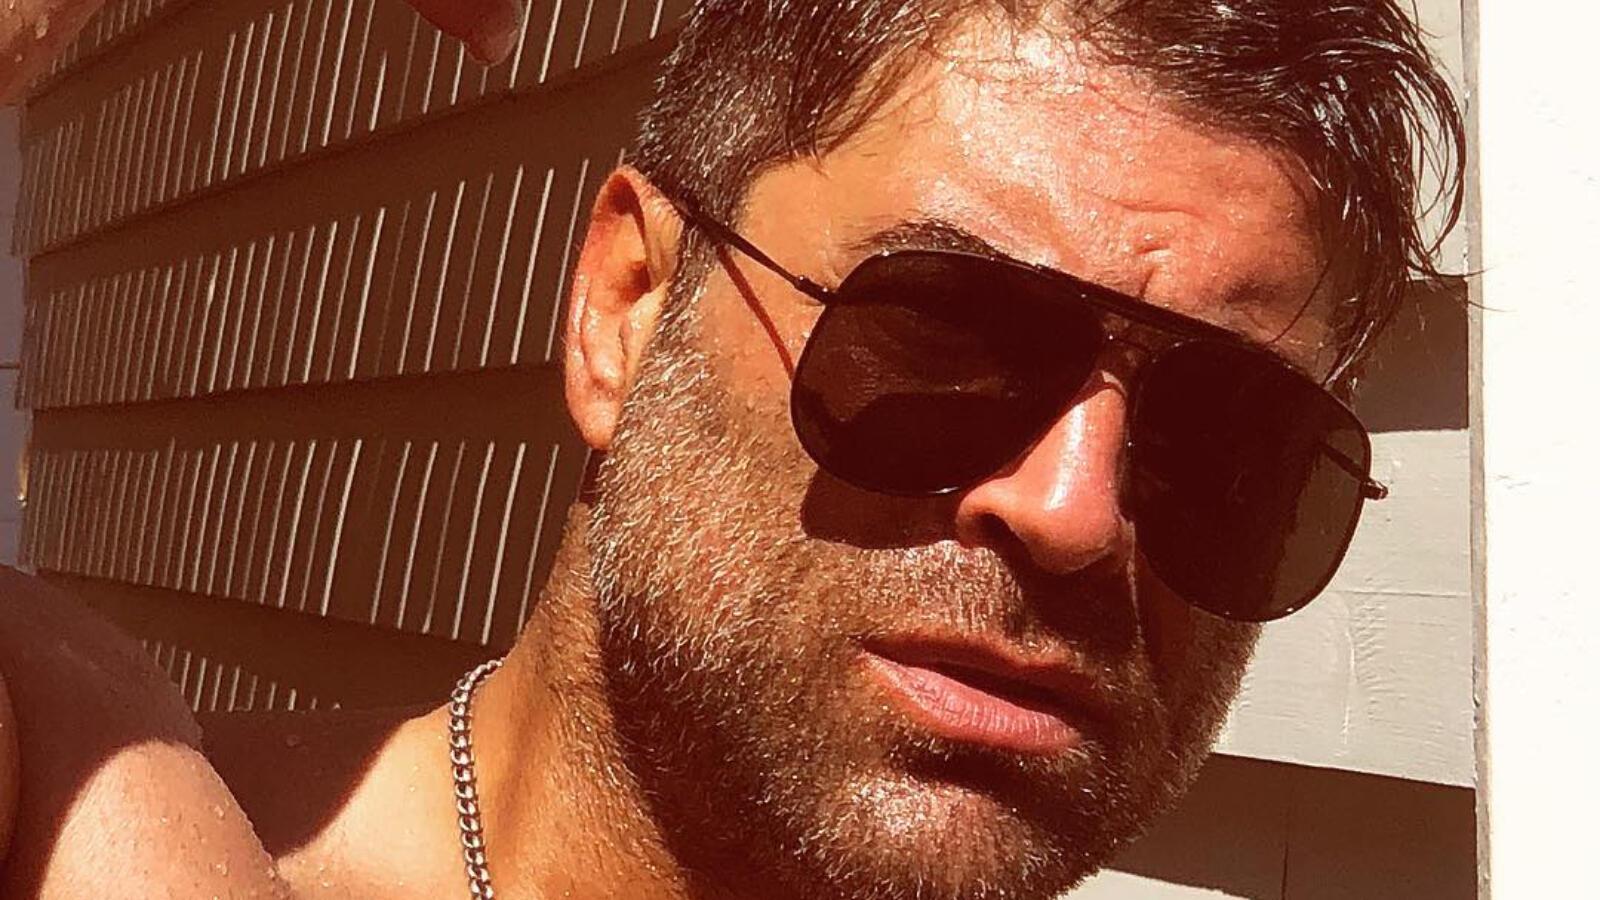 Kardashian Who? Wael Kfoury Throws LAVISH Birthday Party Inviting Arab A-Listers